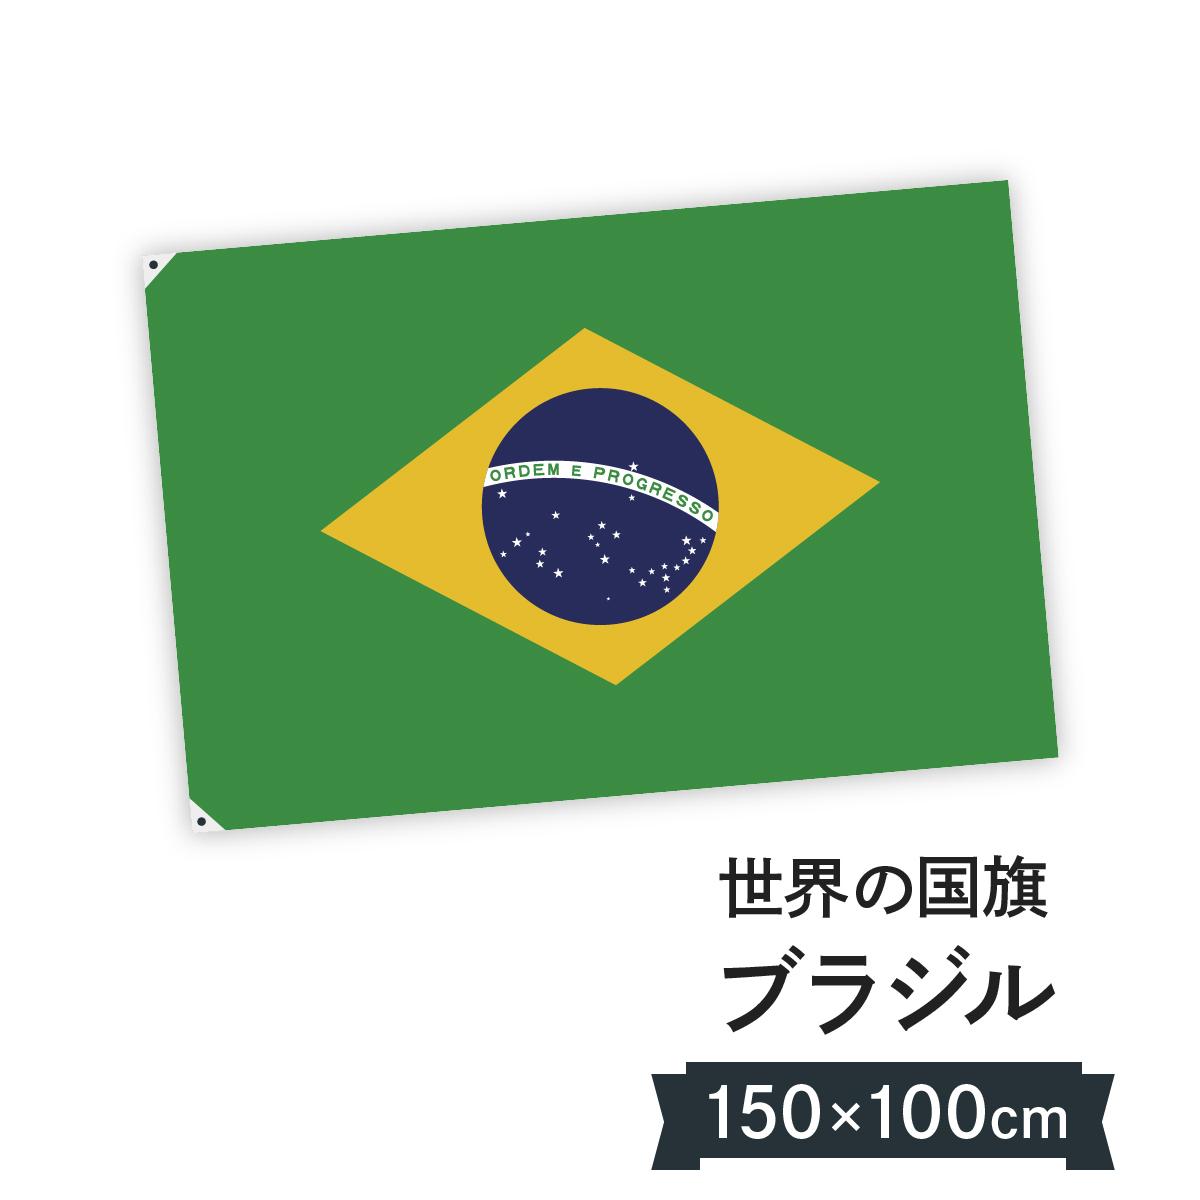 ブラジル連邦共和国 国旗 W150cm H100cm